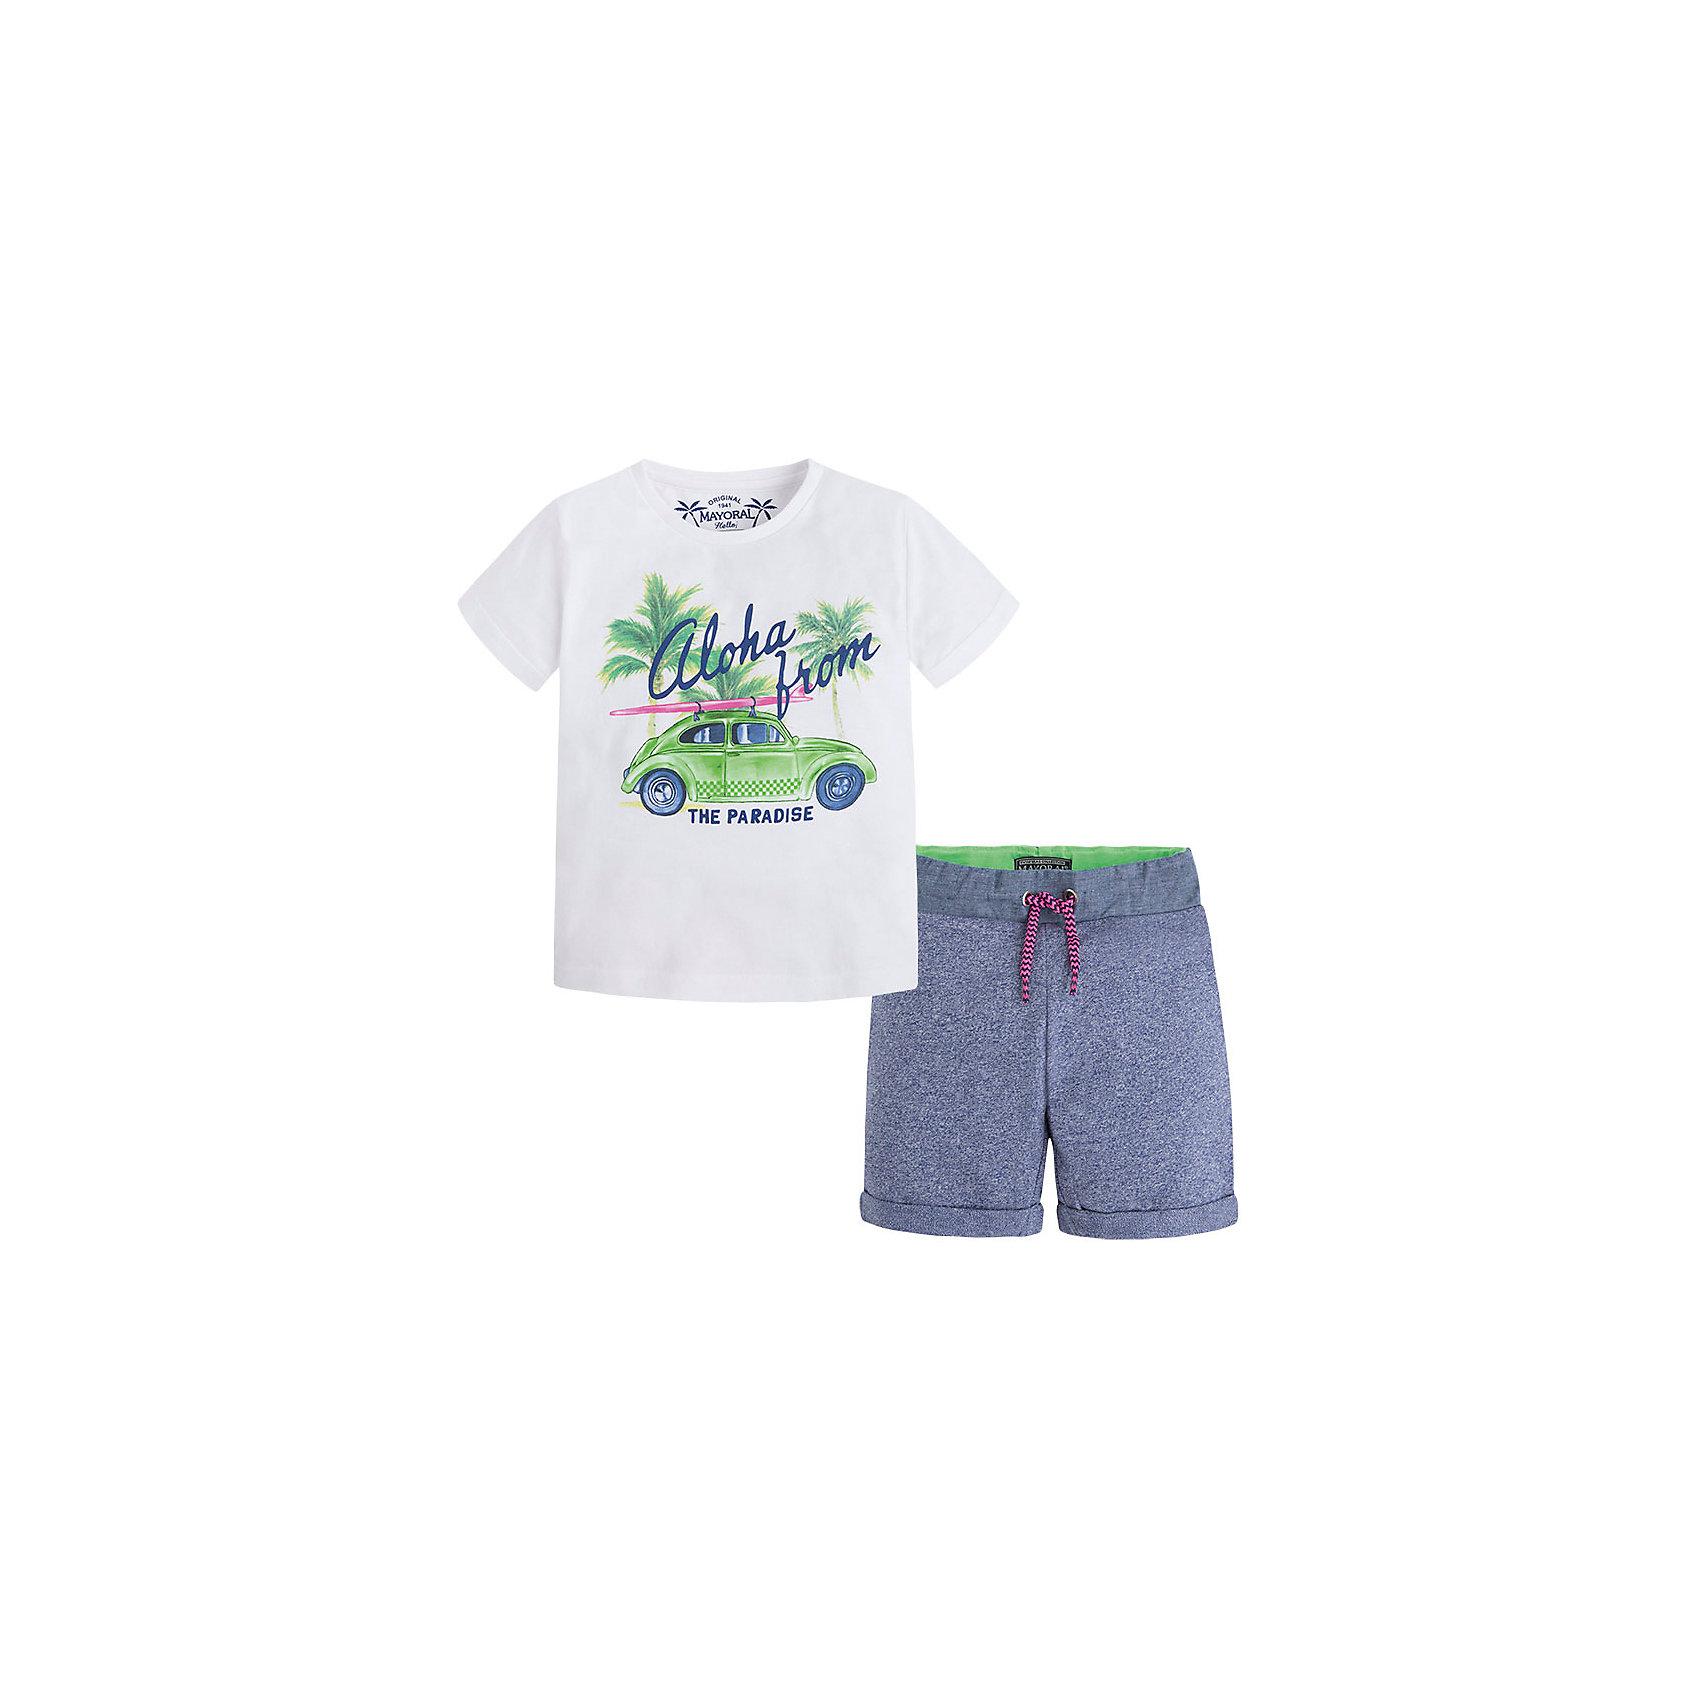 Комплект для мальчика: футболка и шорты MayoralКомплект: футболка и шорты для мальчика от известной испанской марки Mayoral <br><br>Модная футболка с шортами от Mayoral особенно актуальны в теплое время года! Она прекрасно сочетаются и с другими вещами.  Модель выполнена из качественных материалов, отлично сидит по фигуре.<br><br>Особенности модели:<br><br>- цвет: серый, белый;<br>- принт;<br>- шорты - на резинке и шнурке;<br>- натуральный материал.<br><br>Дополнительная информация:<br><br>Состав: 100% хлопок<br><br>Комплект: футболка и шорты для мальчика Mayoral (Майорал) можно купить в нашем магазине.<br><br>Ширина мм: 199<br>Глубина мм: 10<br>Высота мм: 161<br>Вес г: 151<br>Цвет: белый<br>Возраст от месяцев: 84<br>Возраст до месяцев: 96<br>Пол: Мужской<br>Возраст: Детский<br>Размер: 128,116,122,134,98,110,92,104<br>SKU: 4542722